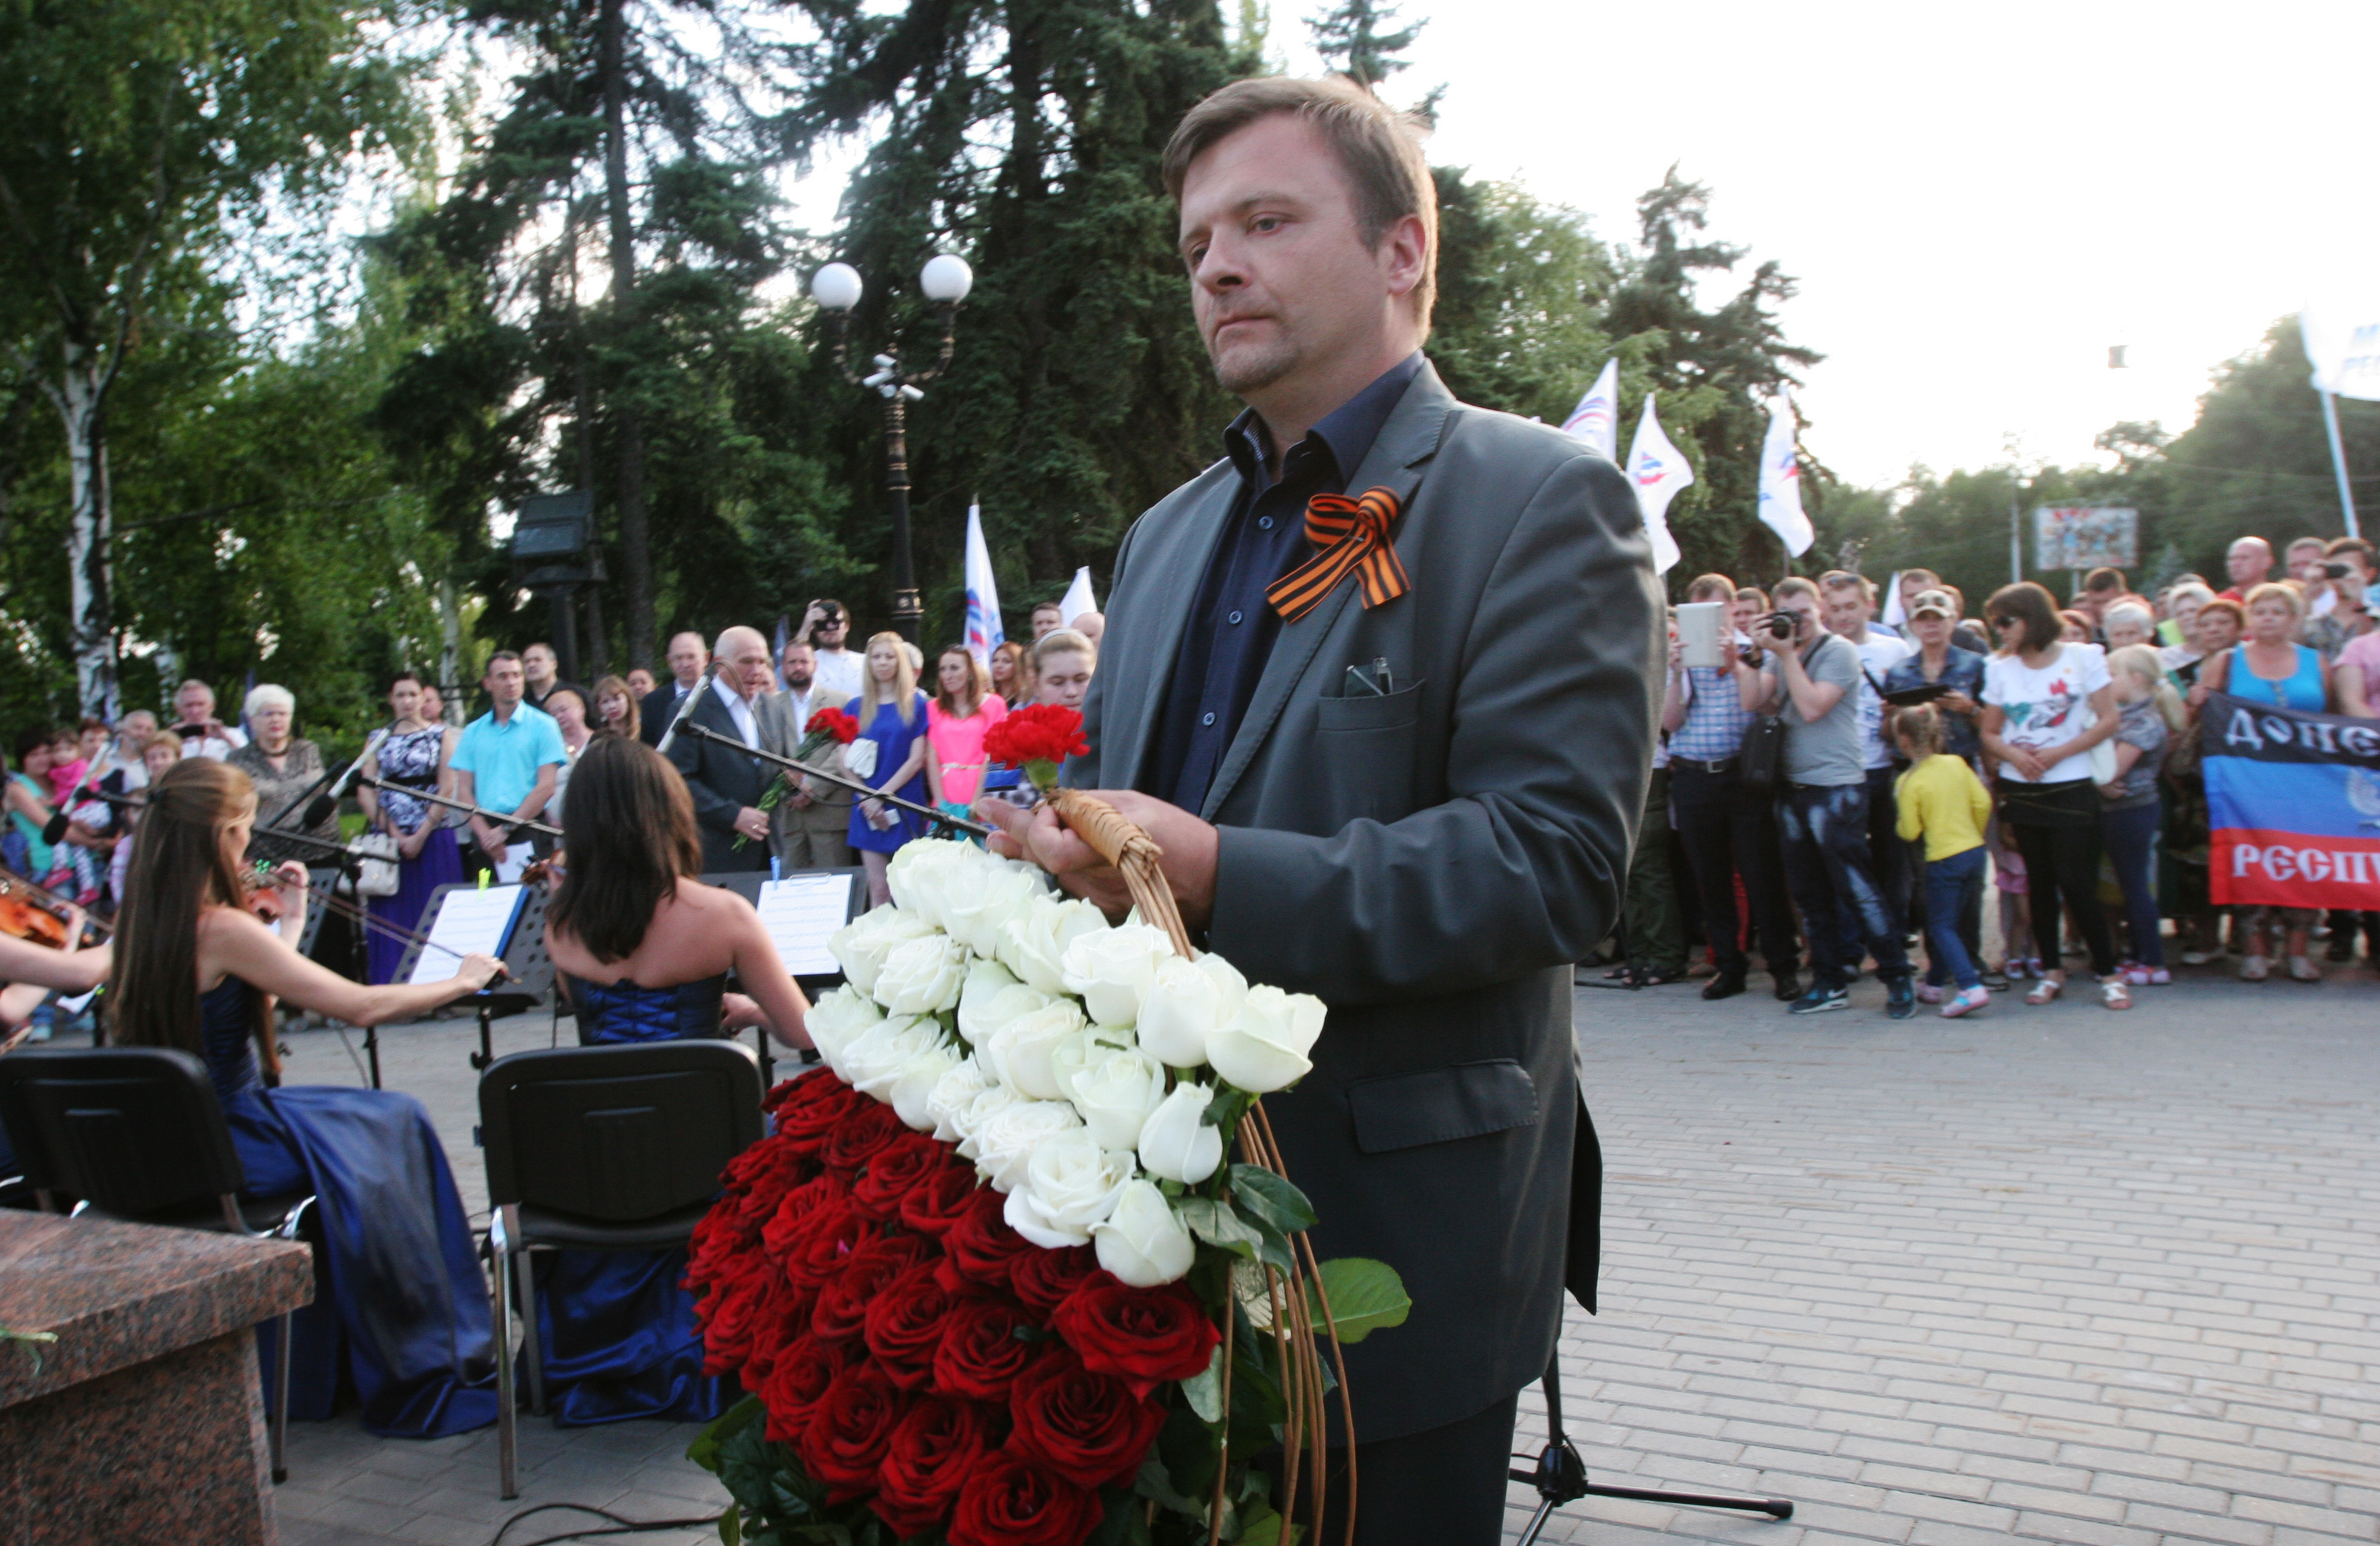 KGBéla lengyel kapcsolatával is együttműködött a kémgyanúba keveredett német szélsőjobbos